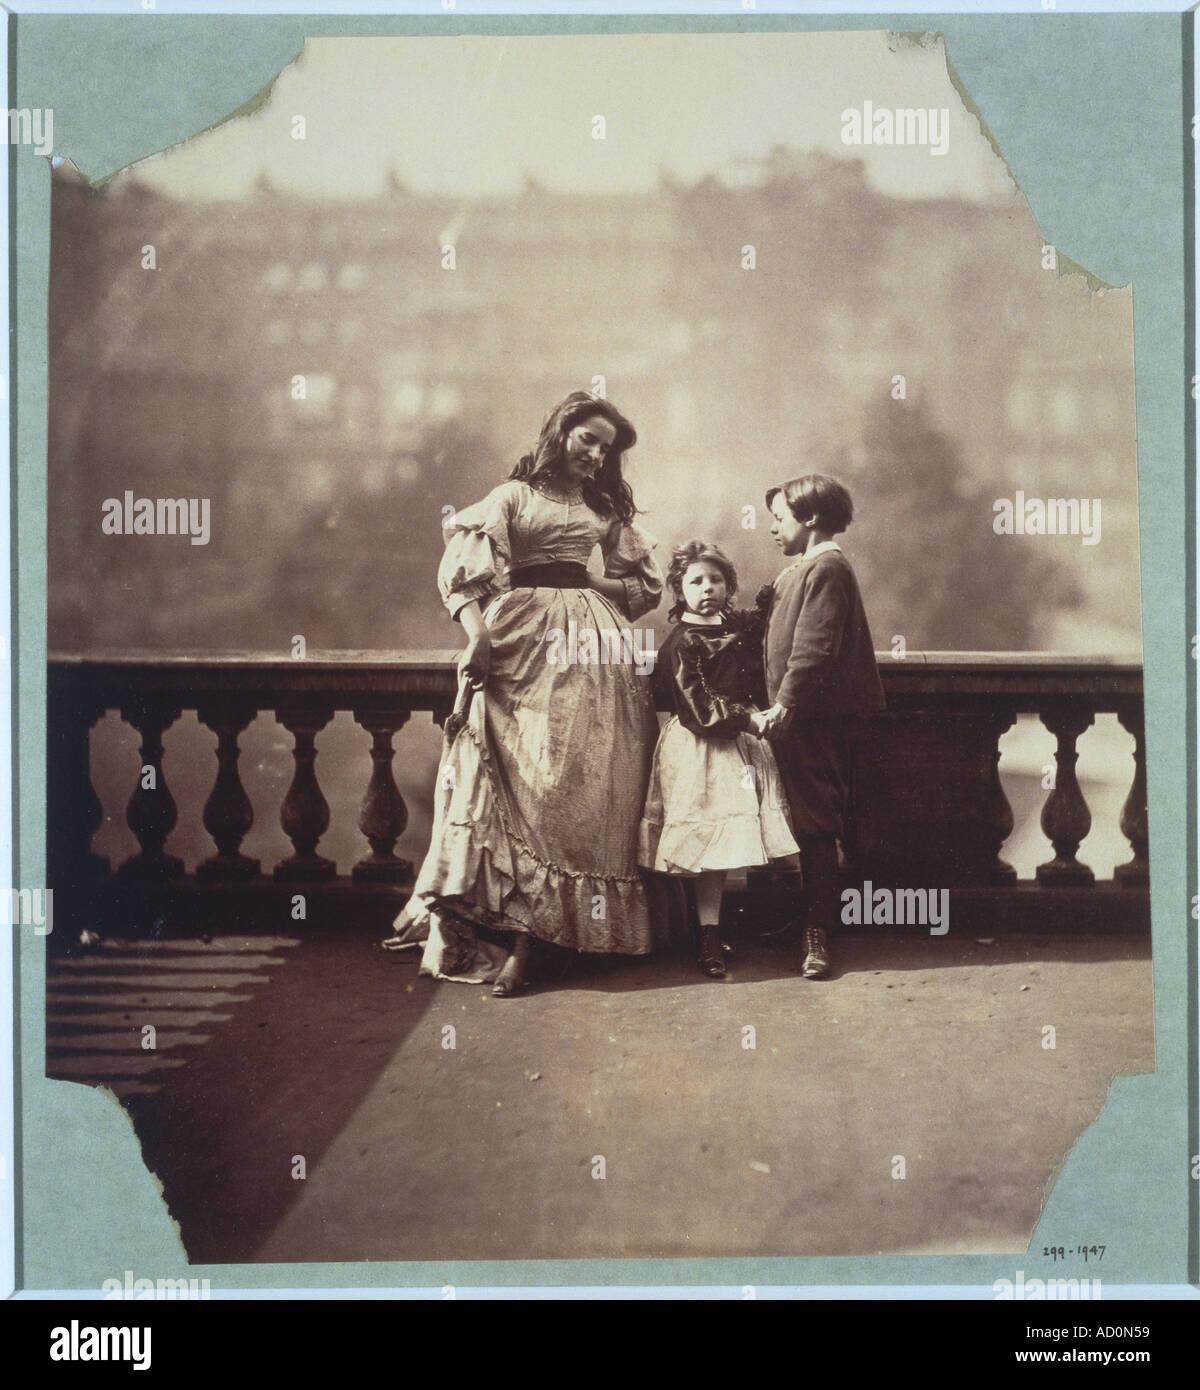 Clementina chez sa mère l'enseignement de la robe de pas de danse. Photo de Lady Clementina Hawarden. Grande-Bretagne, 19e siècle. Photo Stock